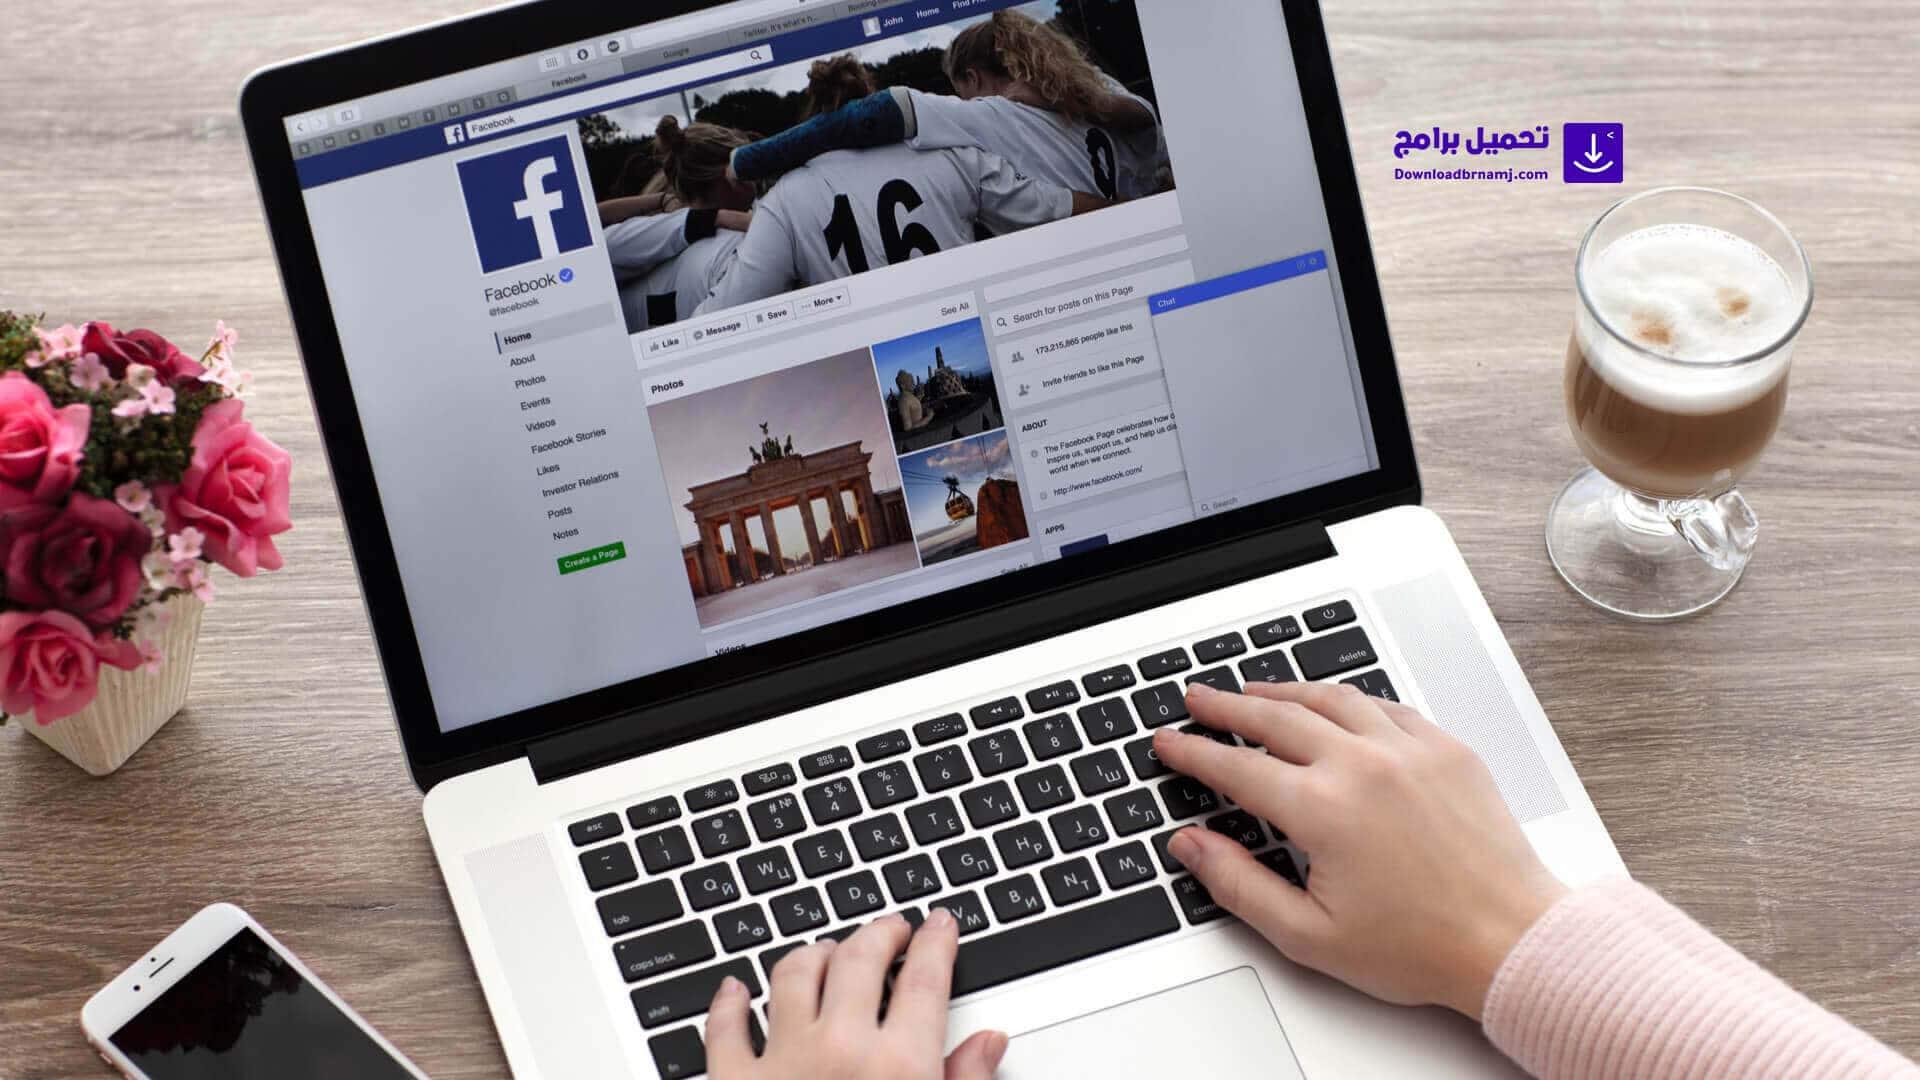 فيس بوك كمبيوتر